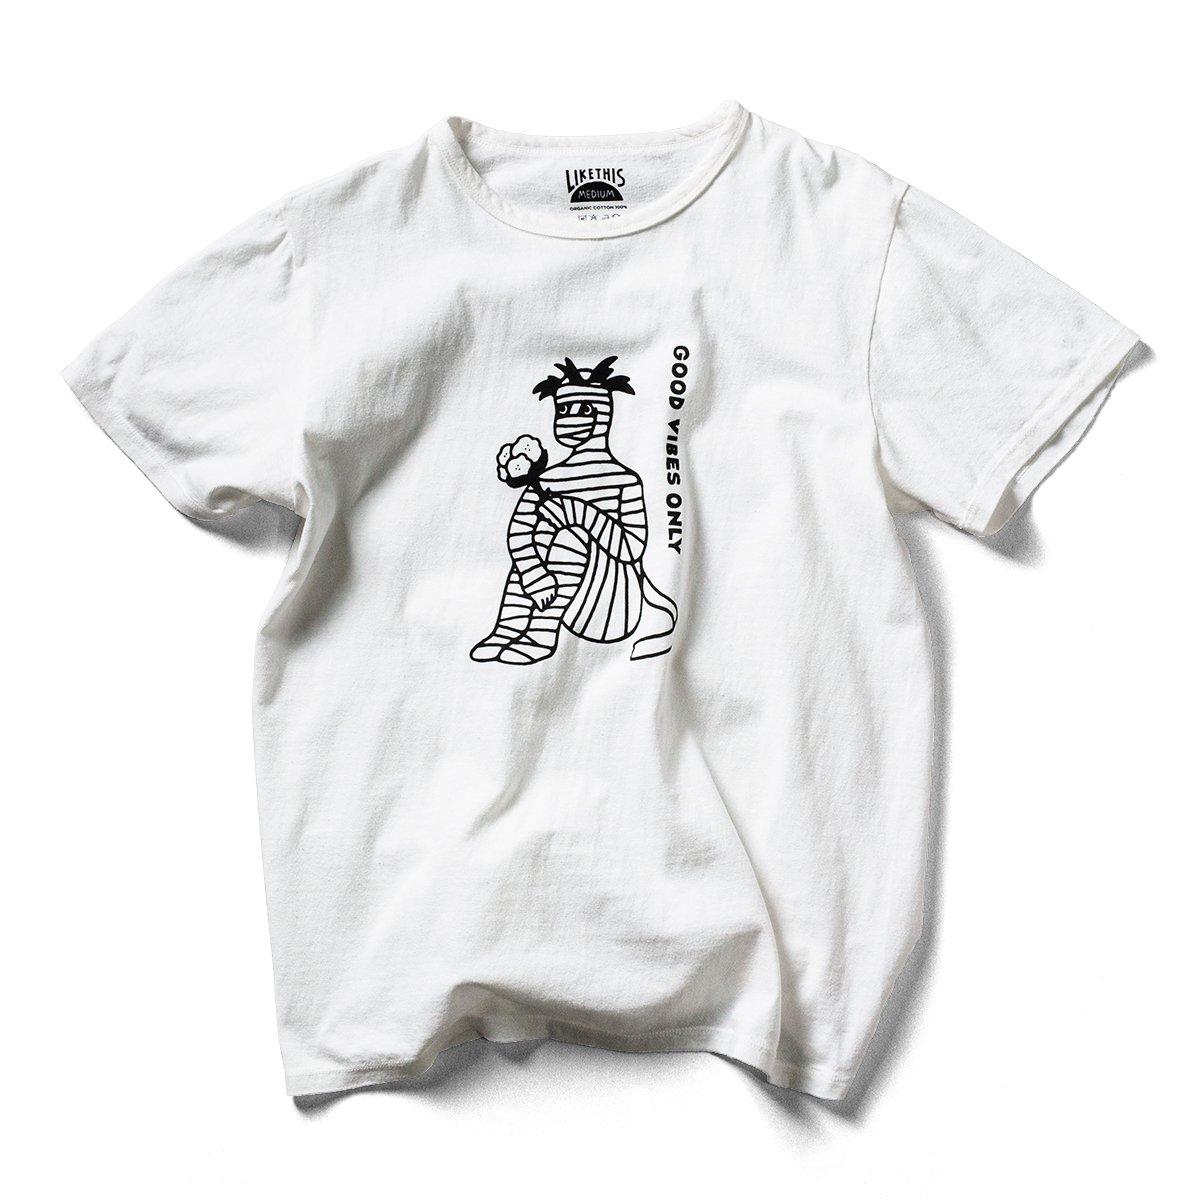 R.O.C. Tee - Mummy Pappy